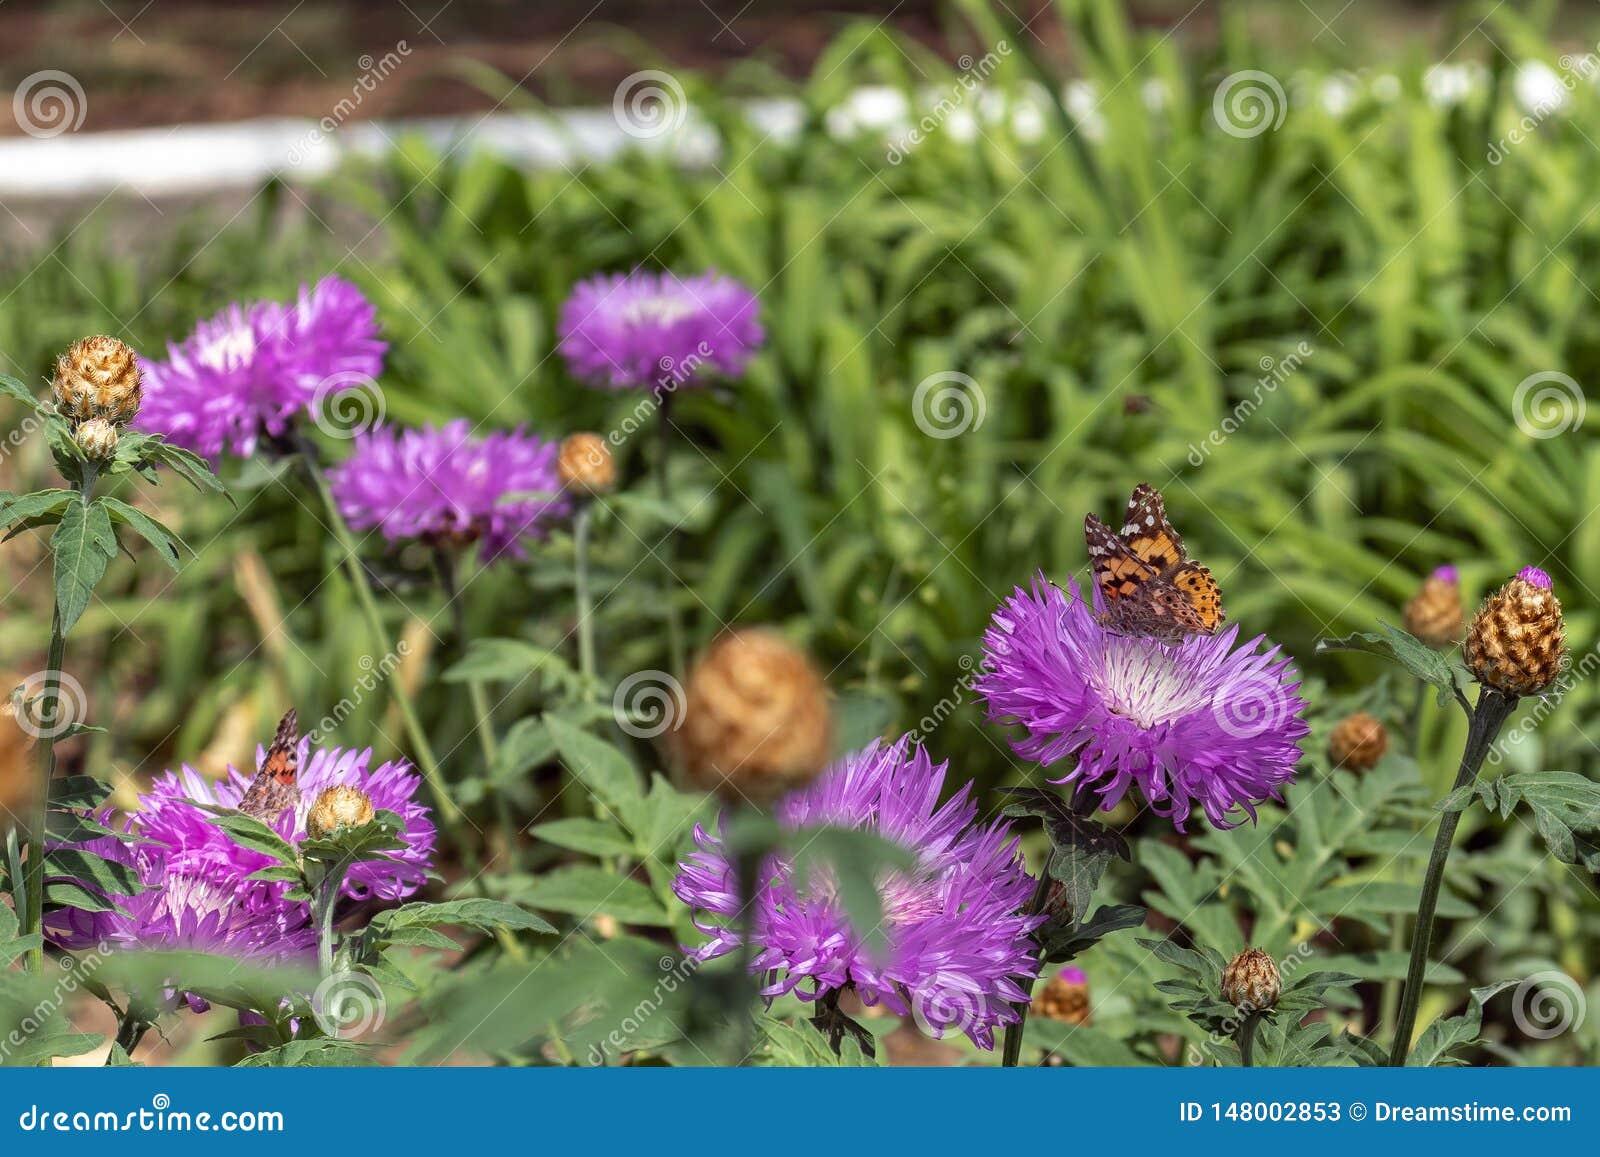 Blumen und Schmetterlinge